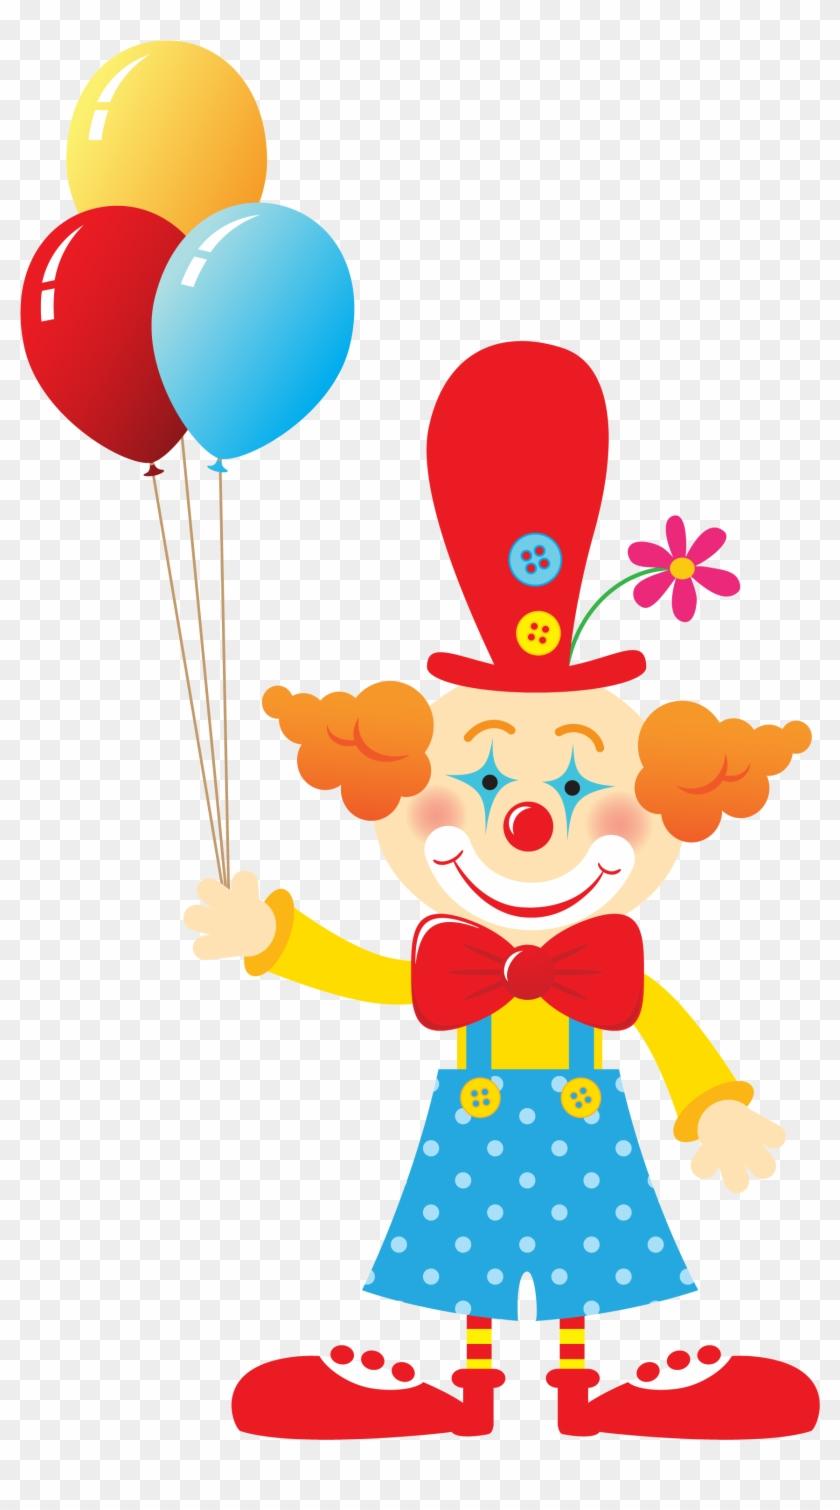 Cute Cliparts ❤ Circo - Clown Clipart Png #120759